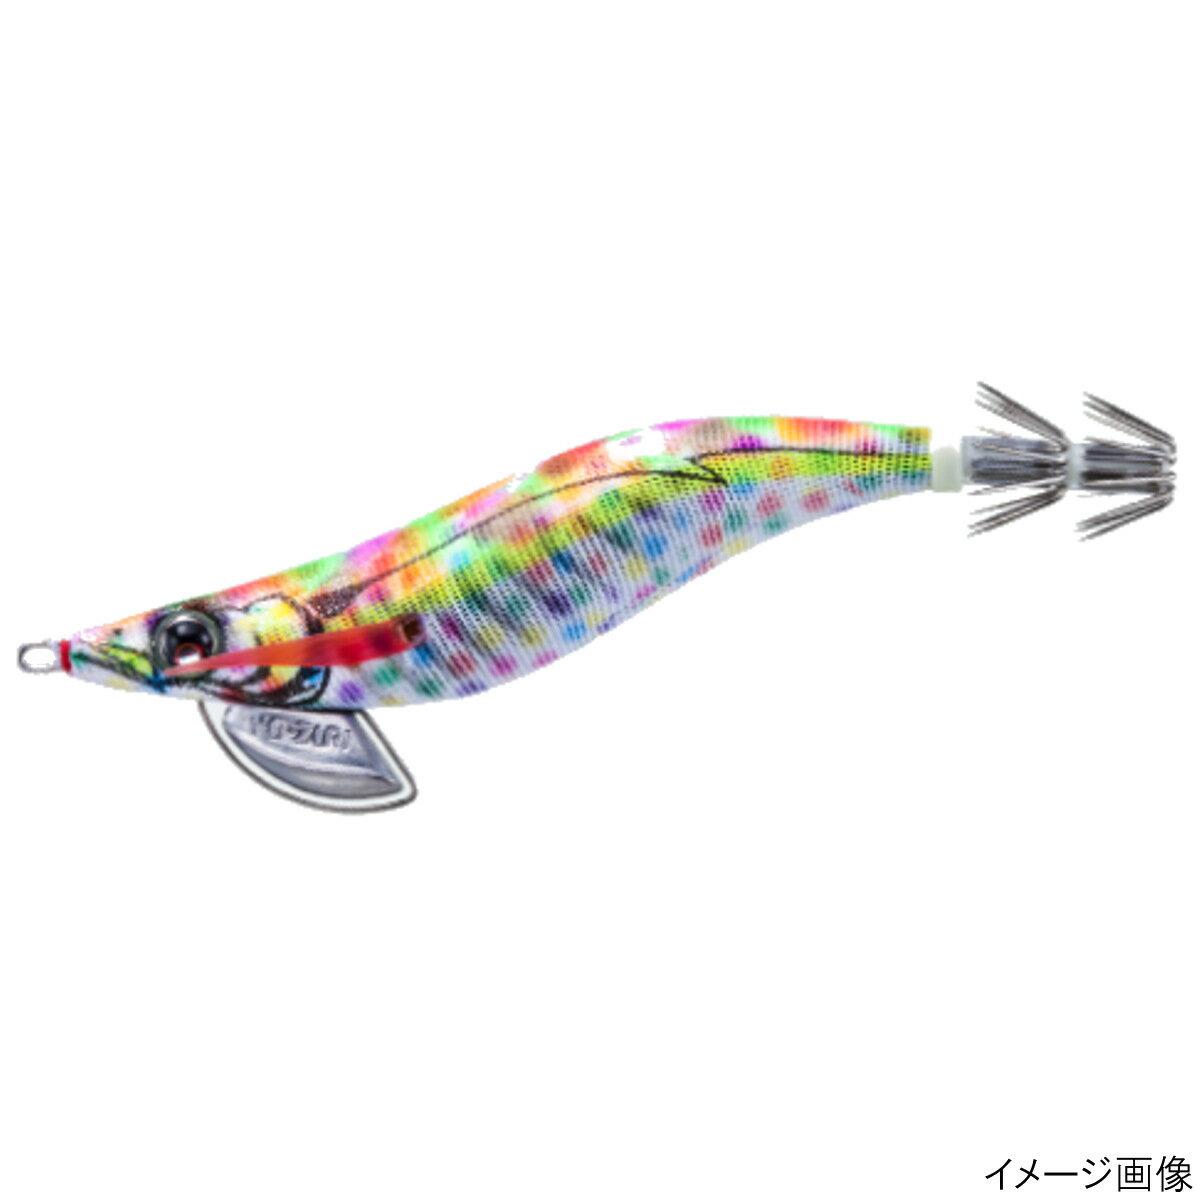 デュエル ヨーヅリ パタパタQ 2.5号 DMM(ドットマーブルマーブル)【duel1502】【re1604c06】